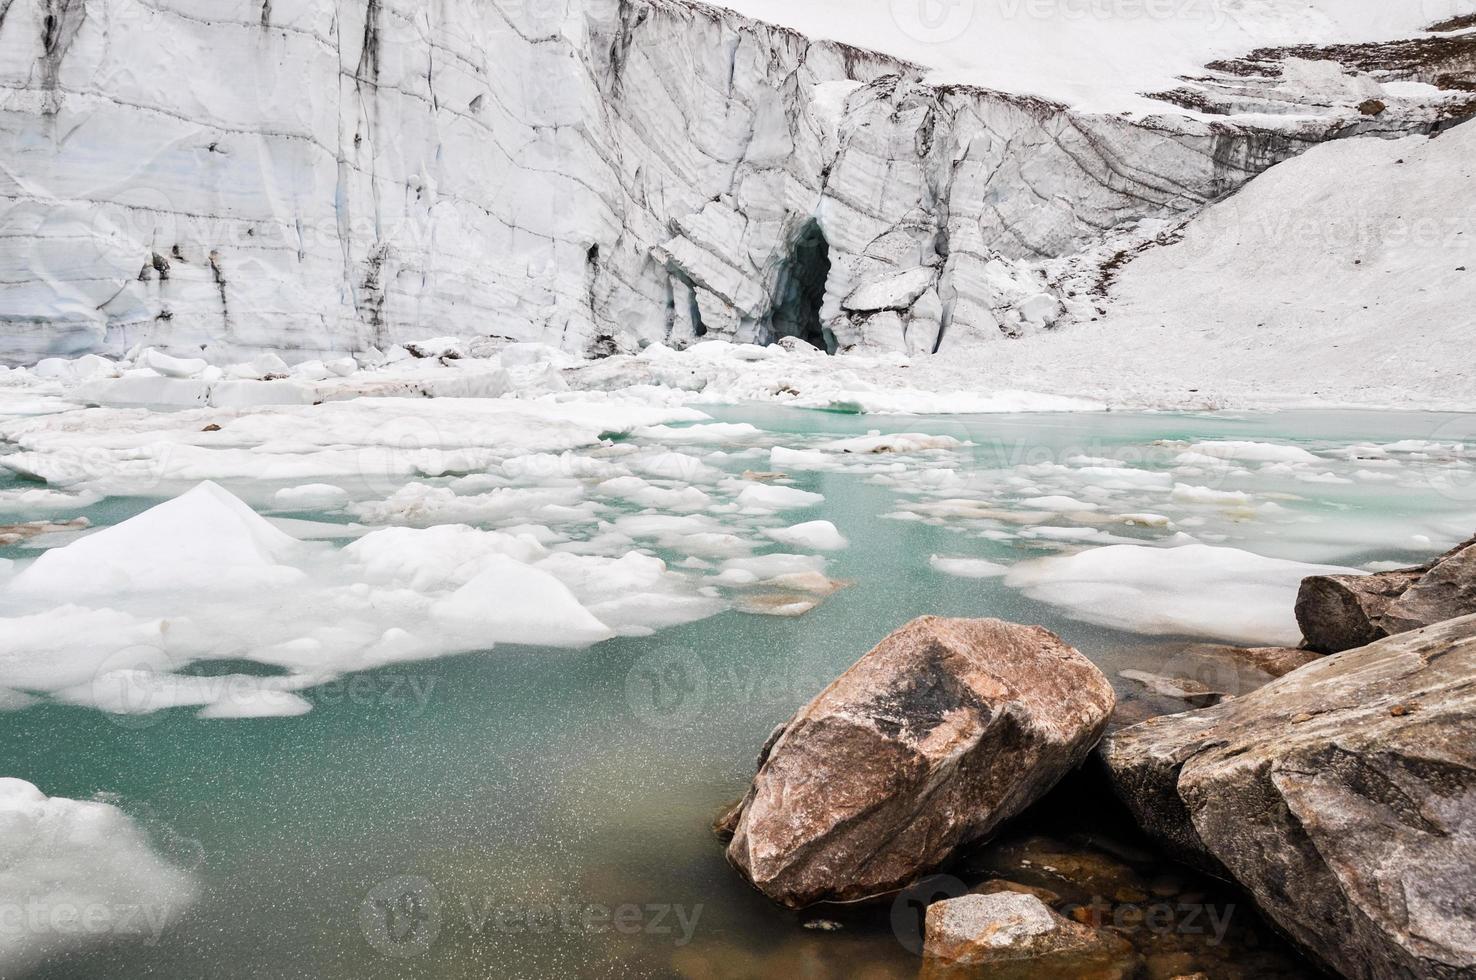 geleira do monte edith cavell, parque nacional de jaspe (canadá) foto